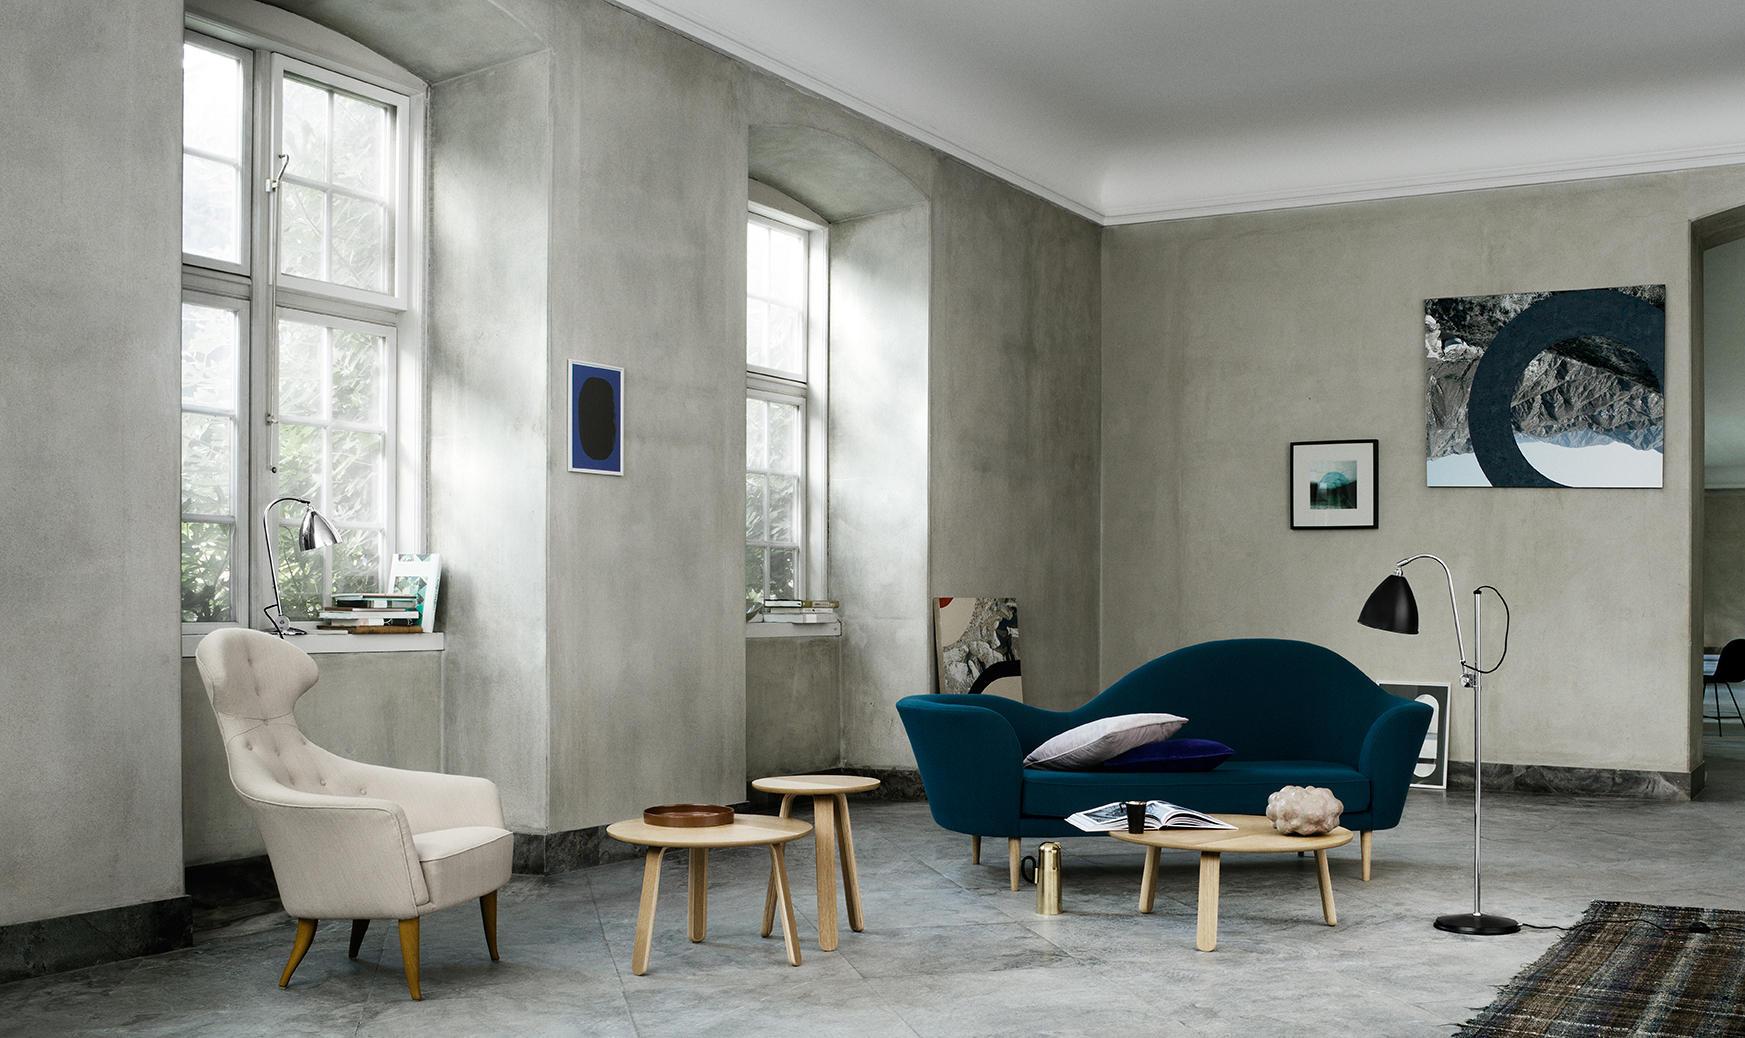 Grand Piano Sofa by Gubi Olsen for GUBI